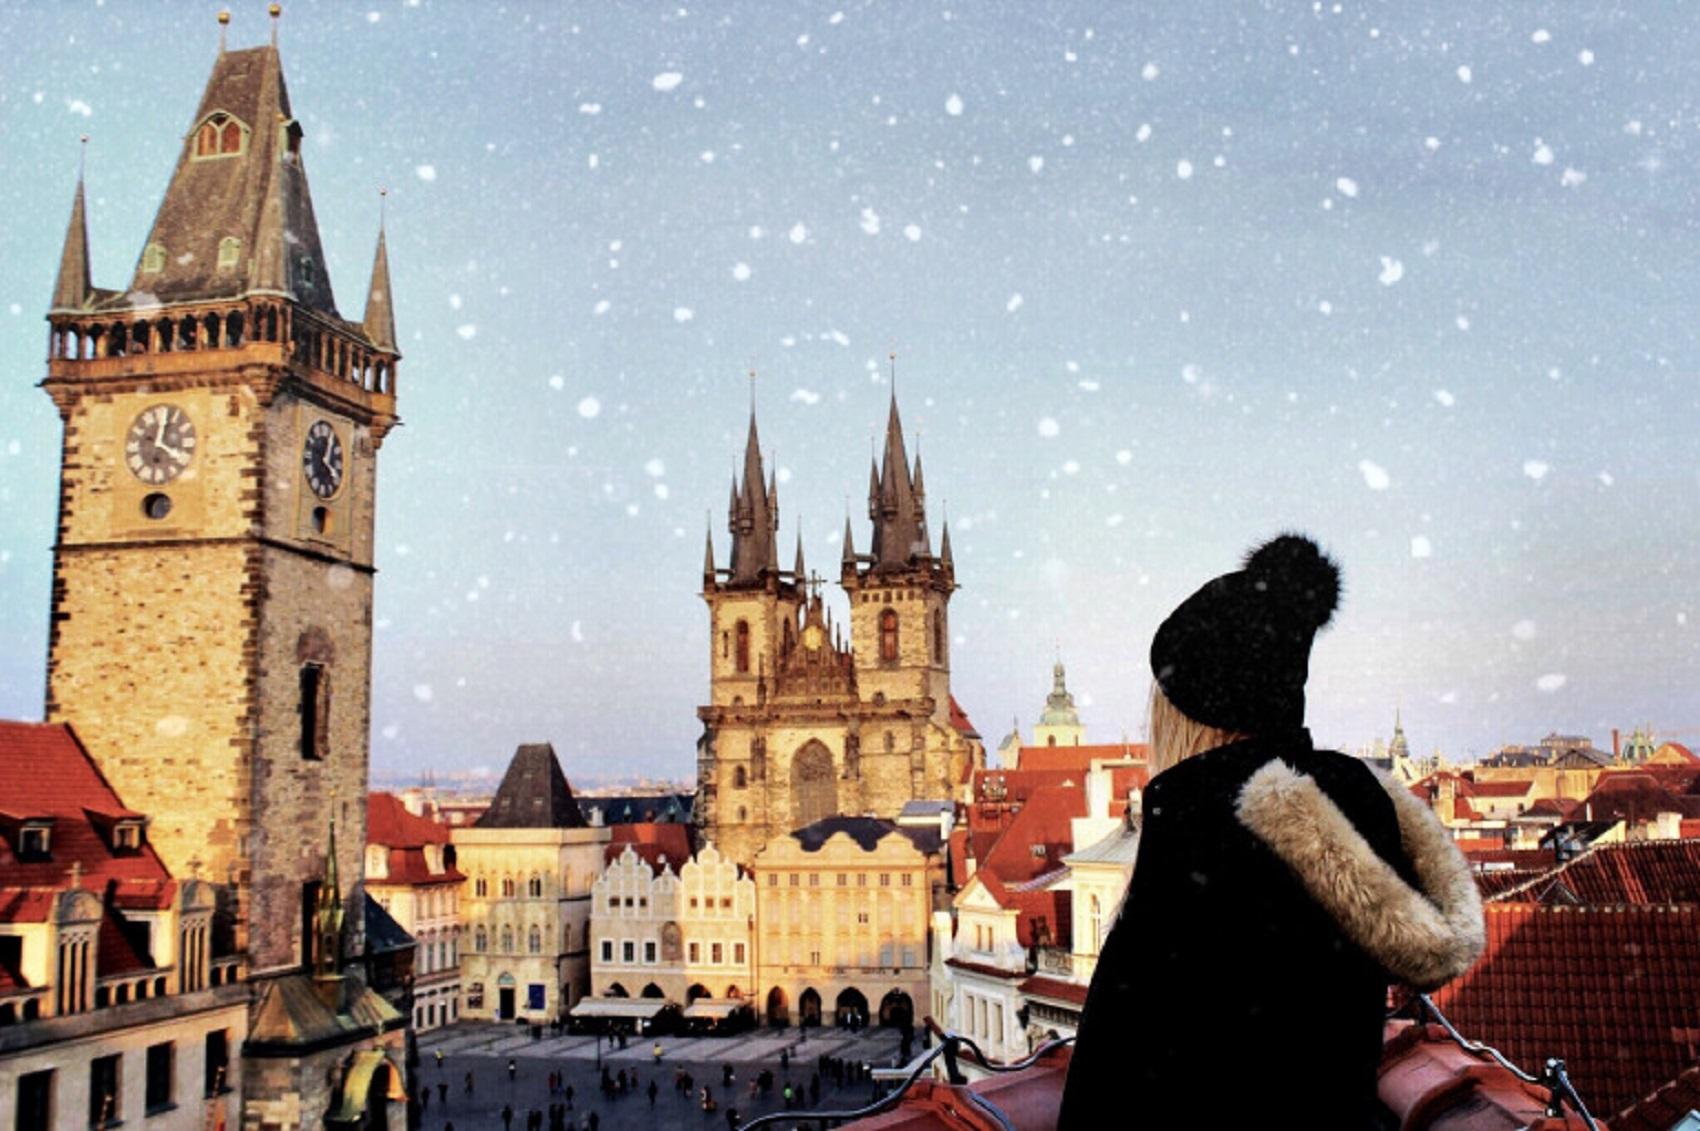 prague-castle-attraction